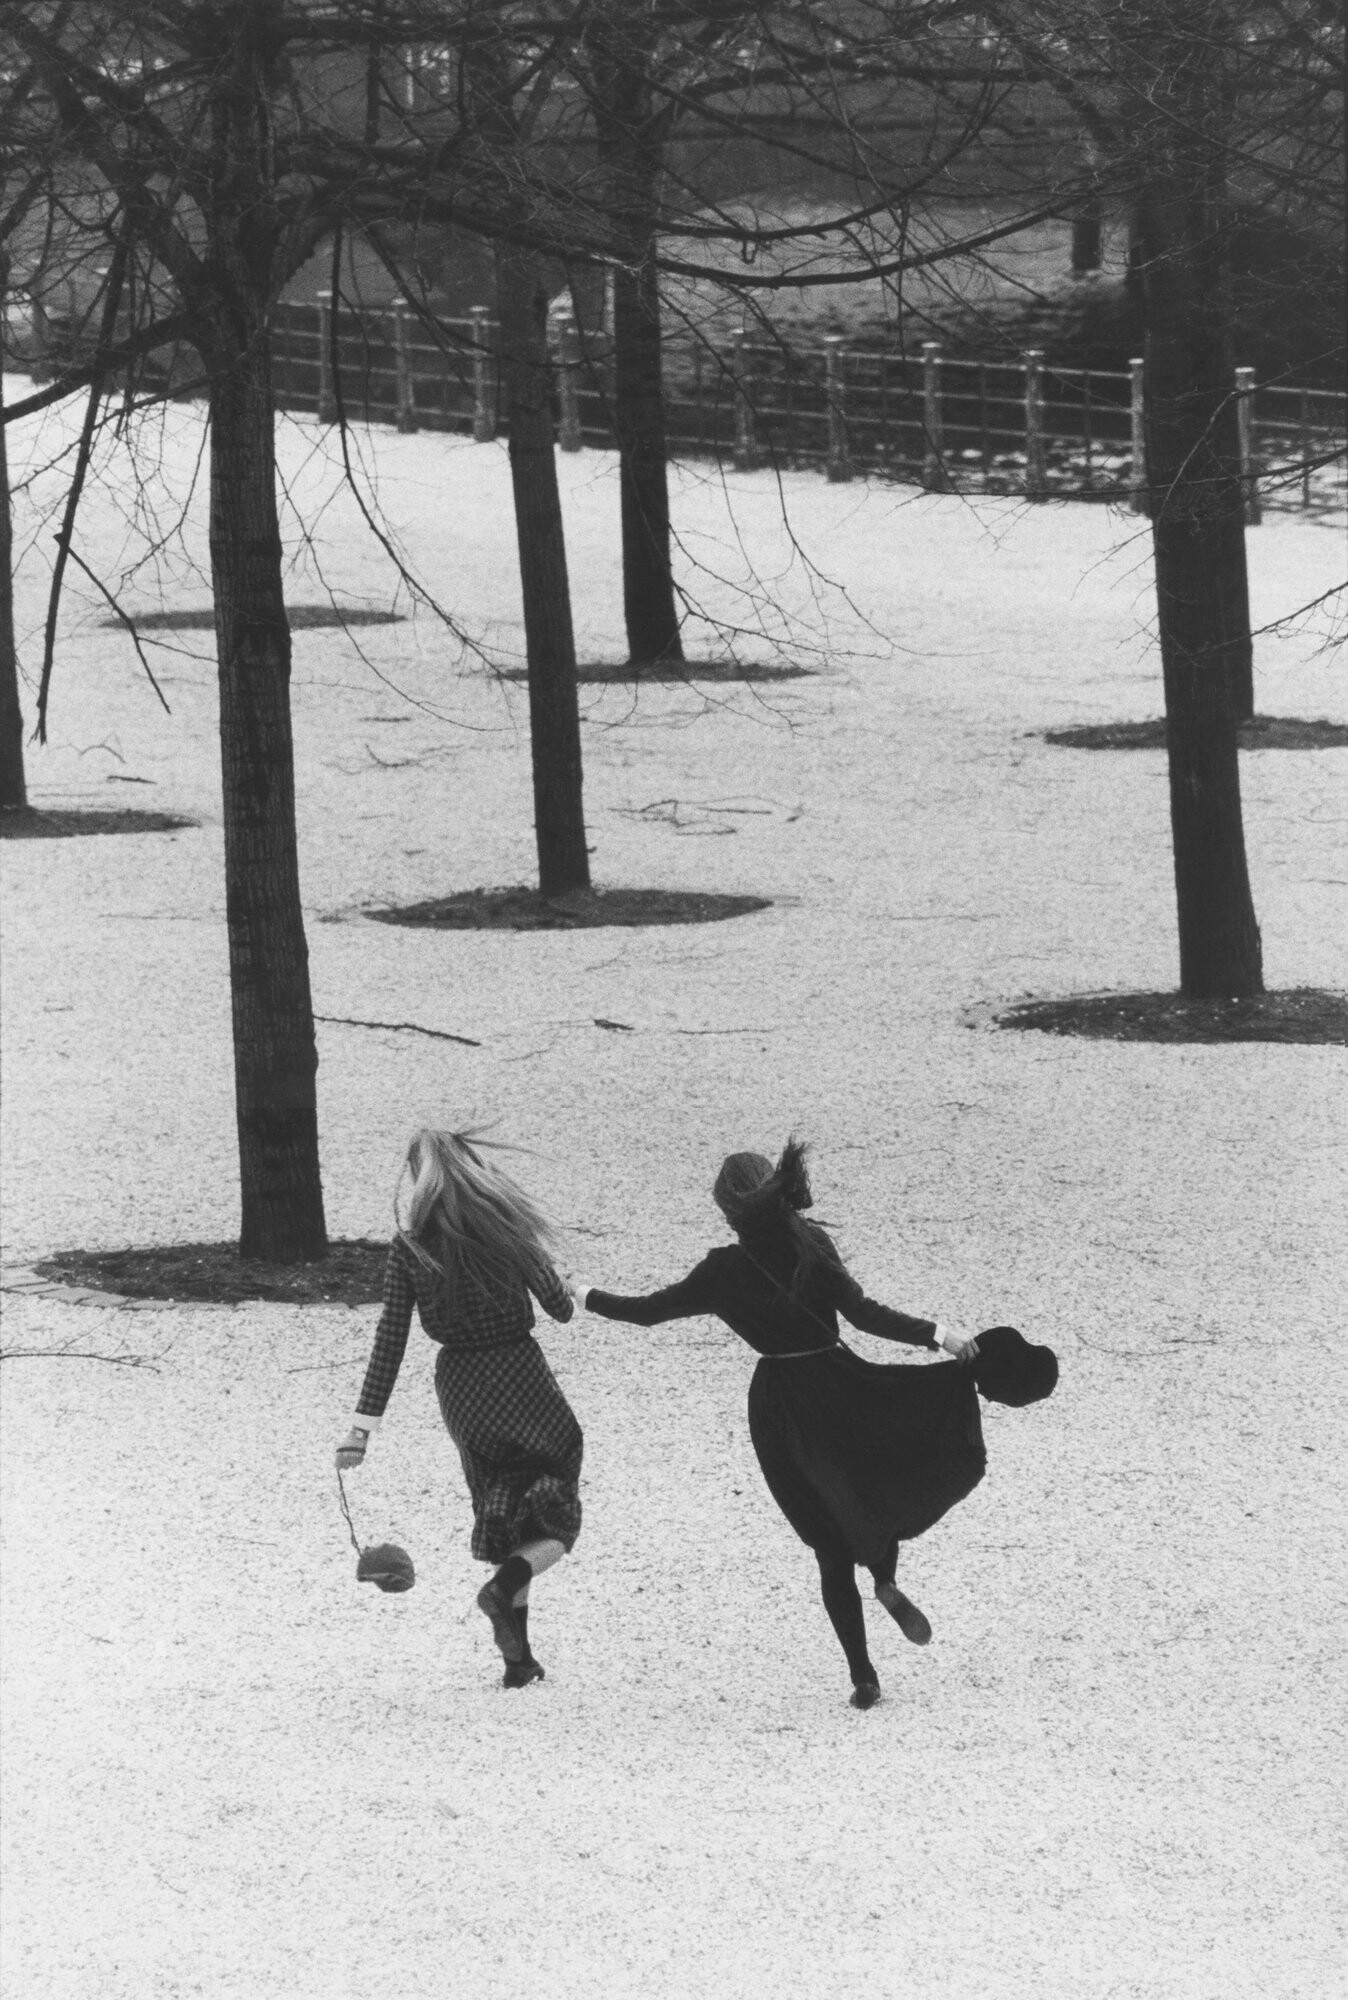 Аннет и Анджела, Люстгартен, Восточный Берлин, 1982 год. Фотограф Сибилла Бергеман